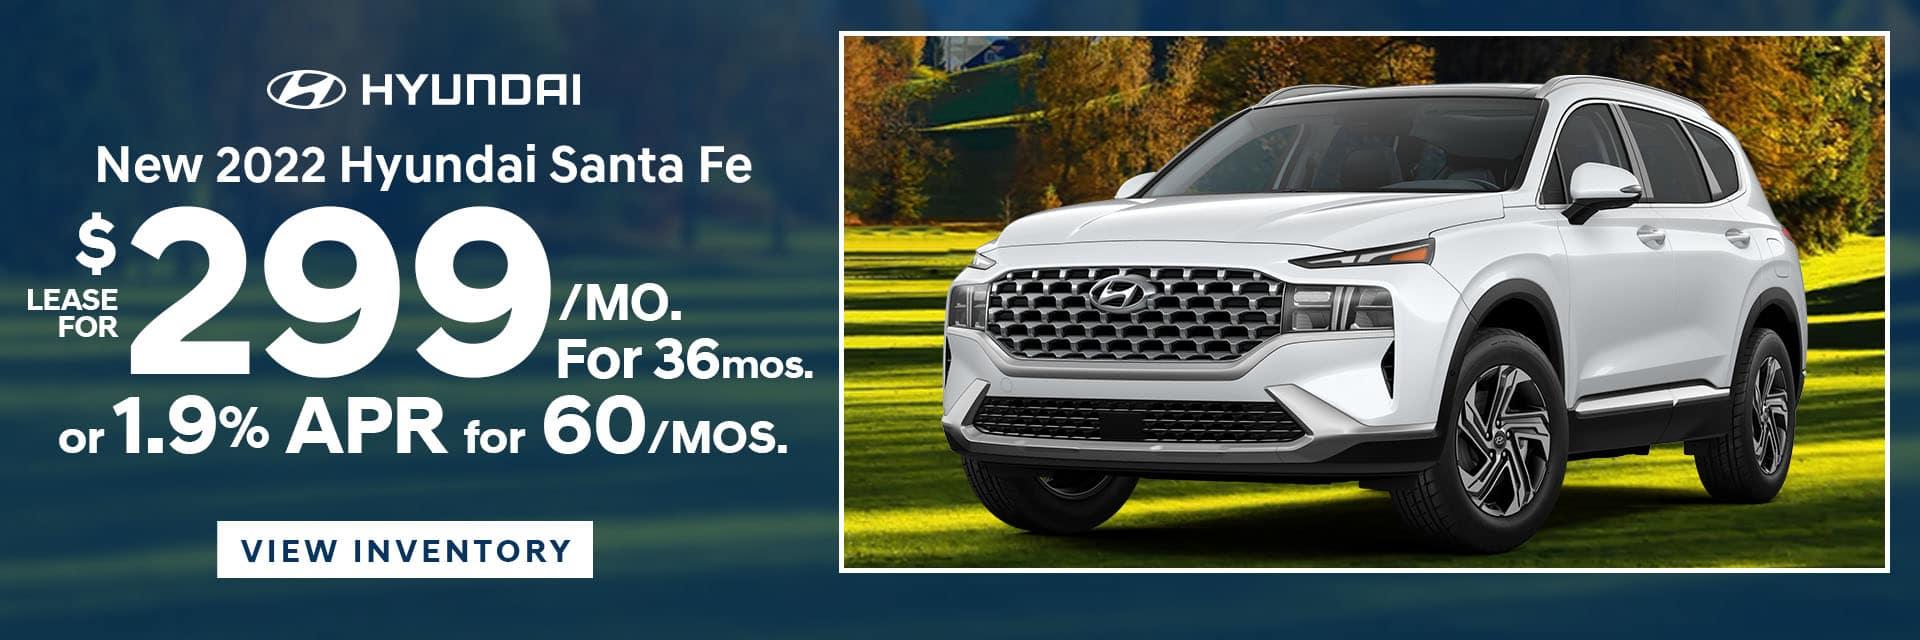 CHOH-October 20212021 Hyundai Santa Fe copy